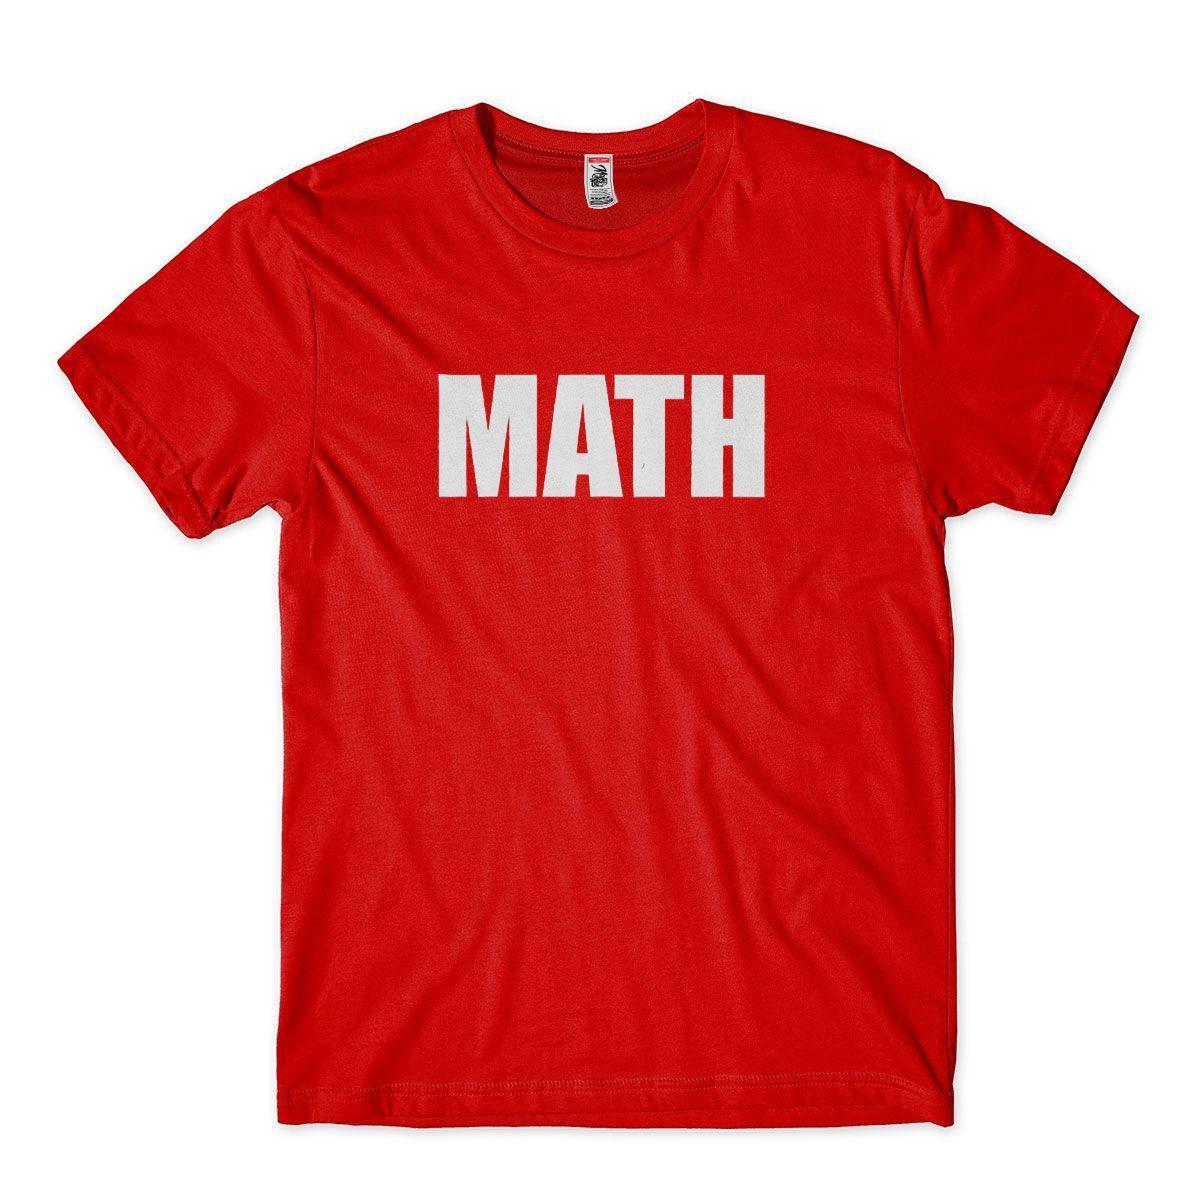 Camisetas Universitarias de Matematica Math Masculina